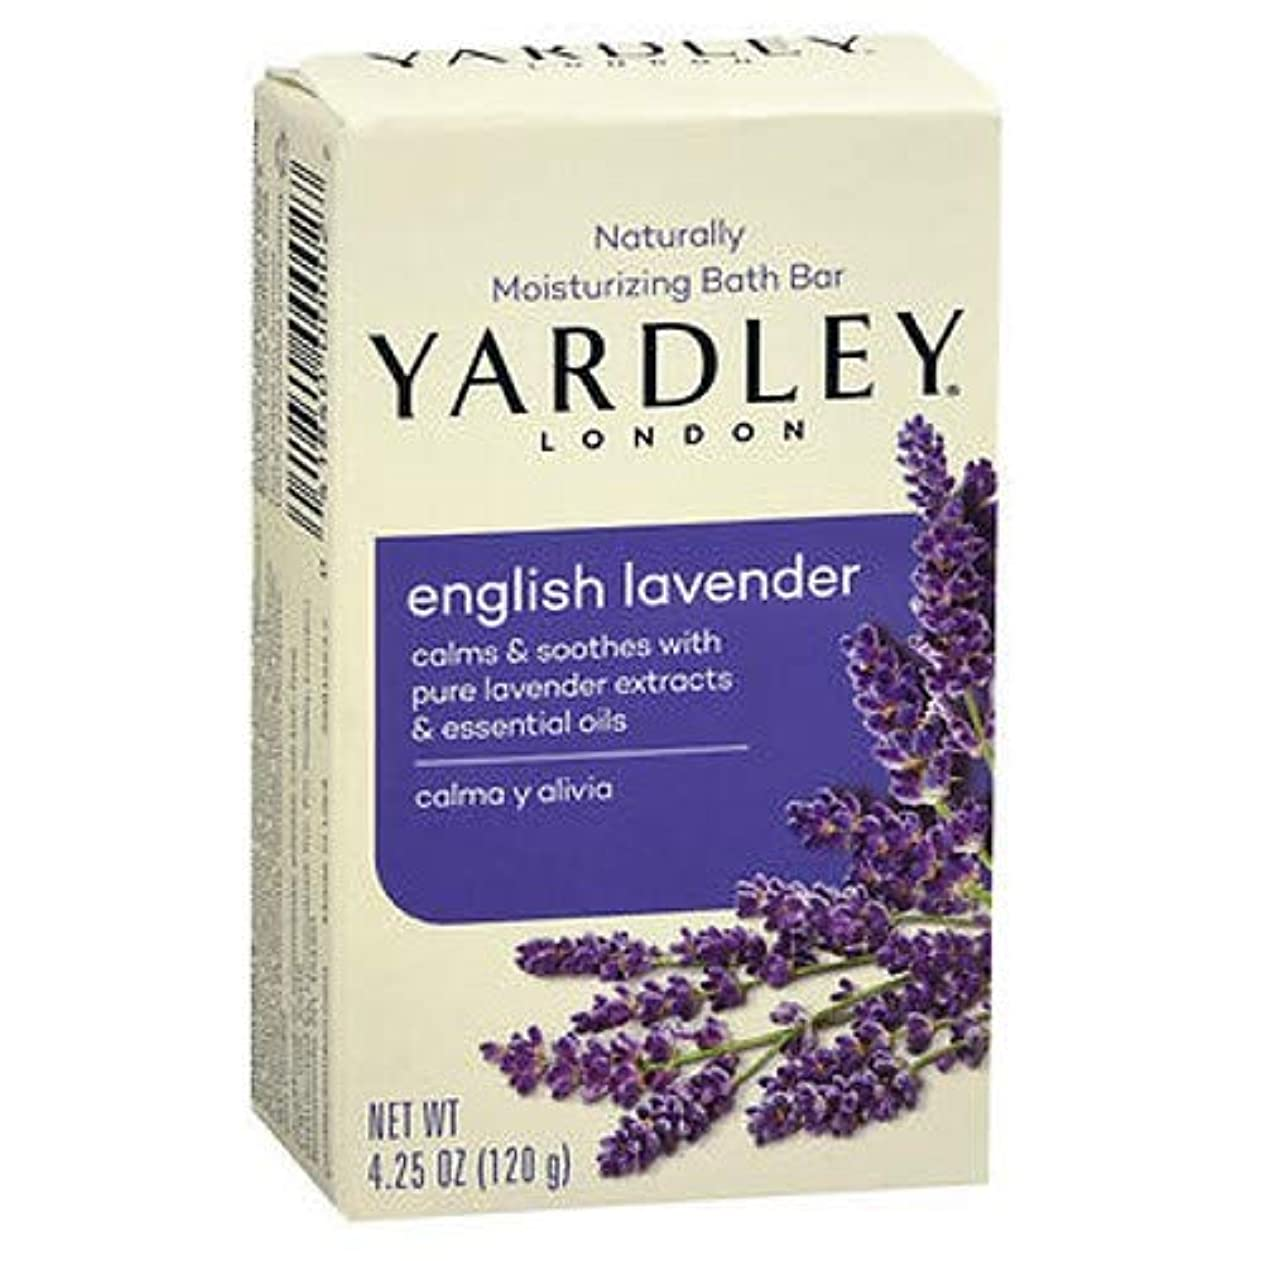 衝突コースストレスの多いクランシー海外直送品Yardley Yardley London Naturally Moisturizing Bar Soap, English Lavender 4.25 oz (Pack of 4)